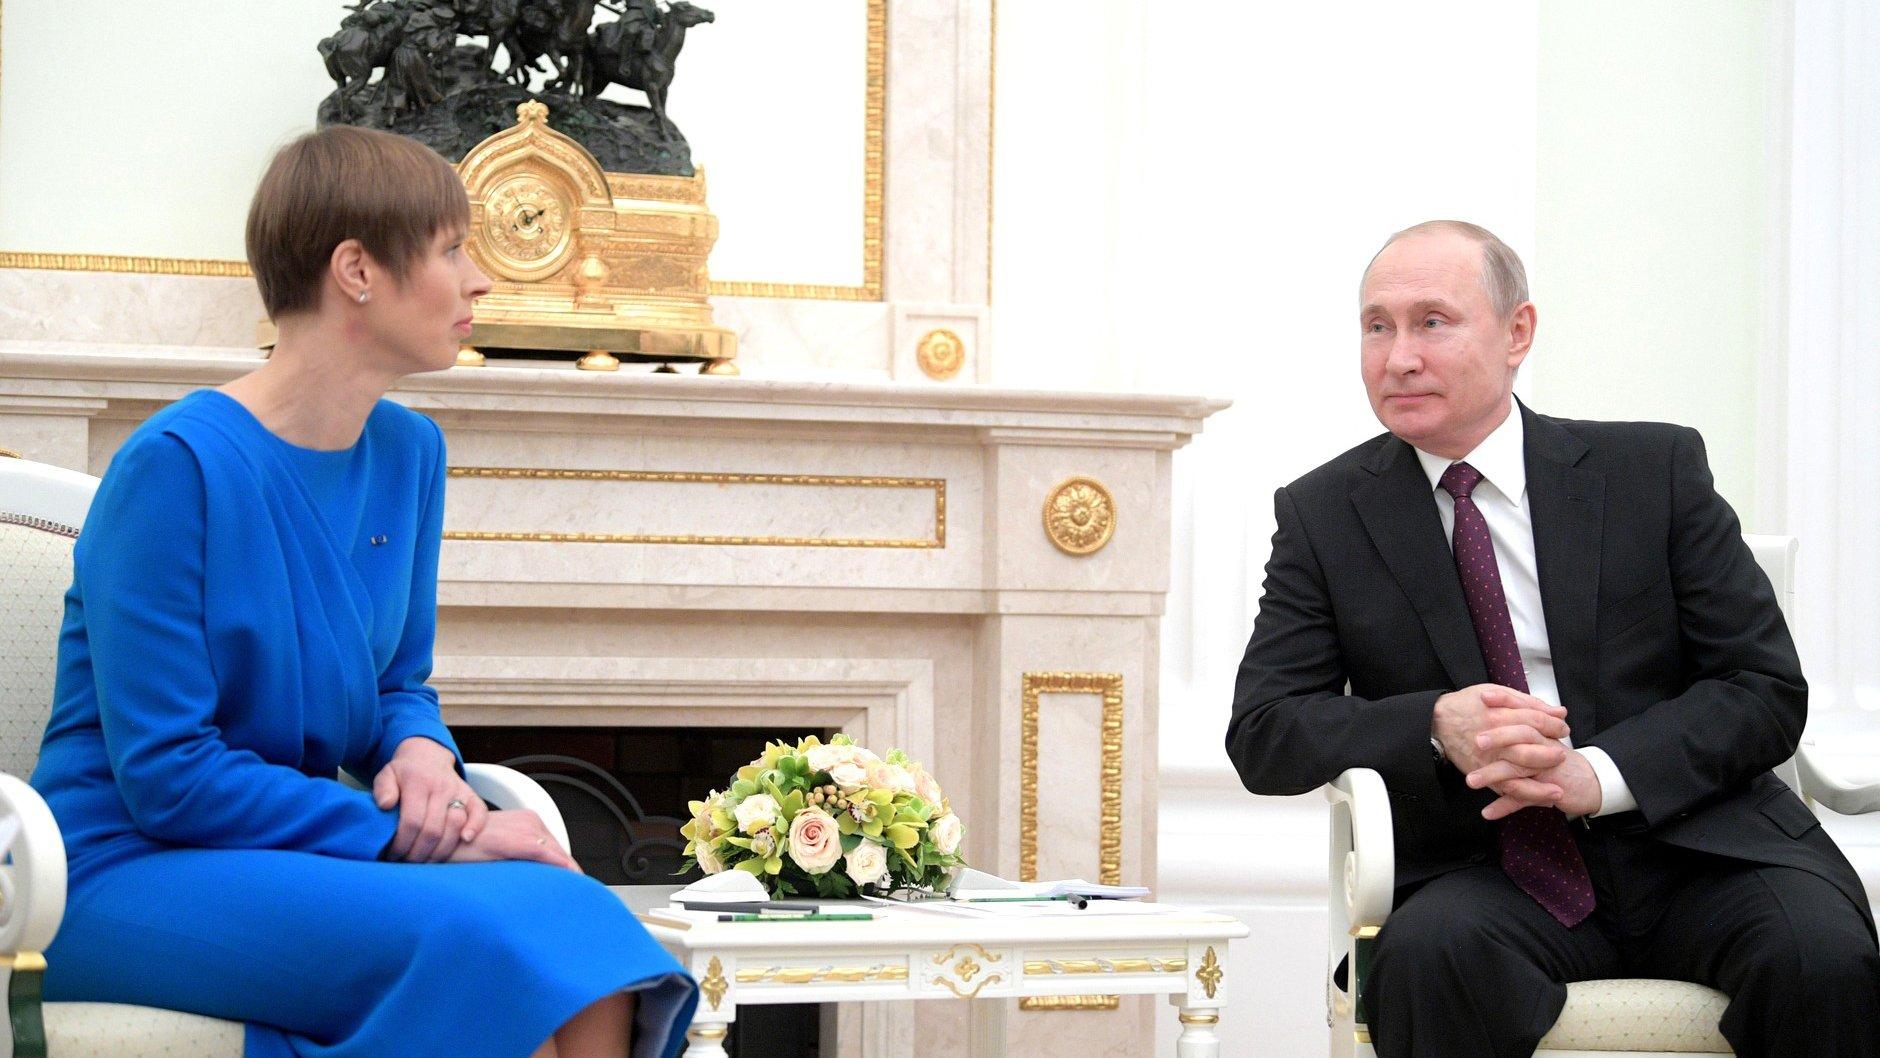 Визит Кальюлайд в Россию никак не повлияет на внешнеполитический курс Эстонии